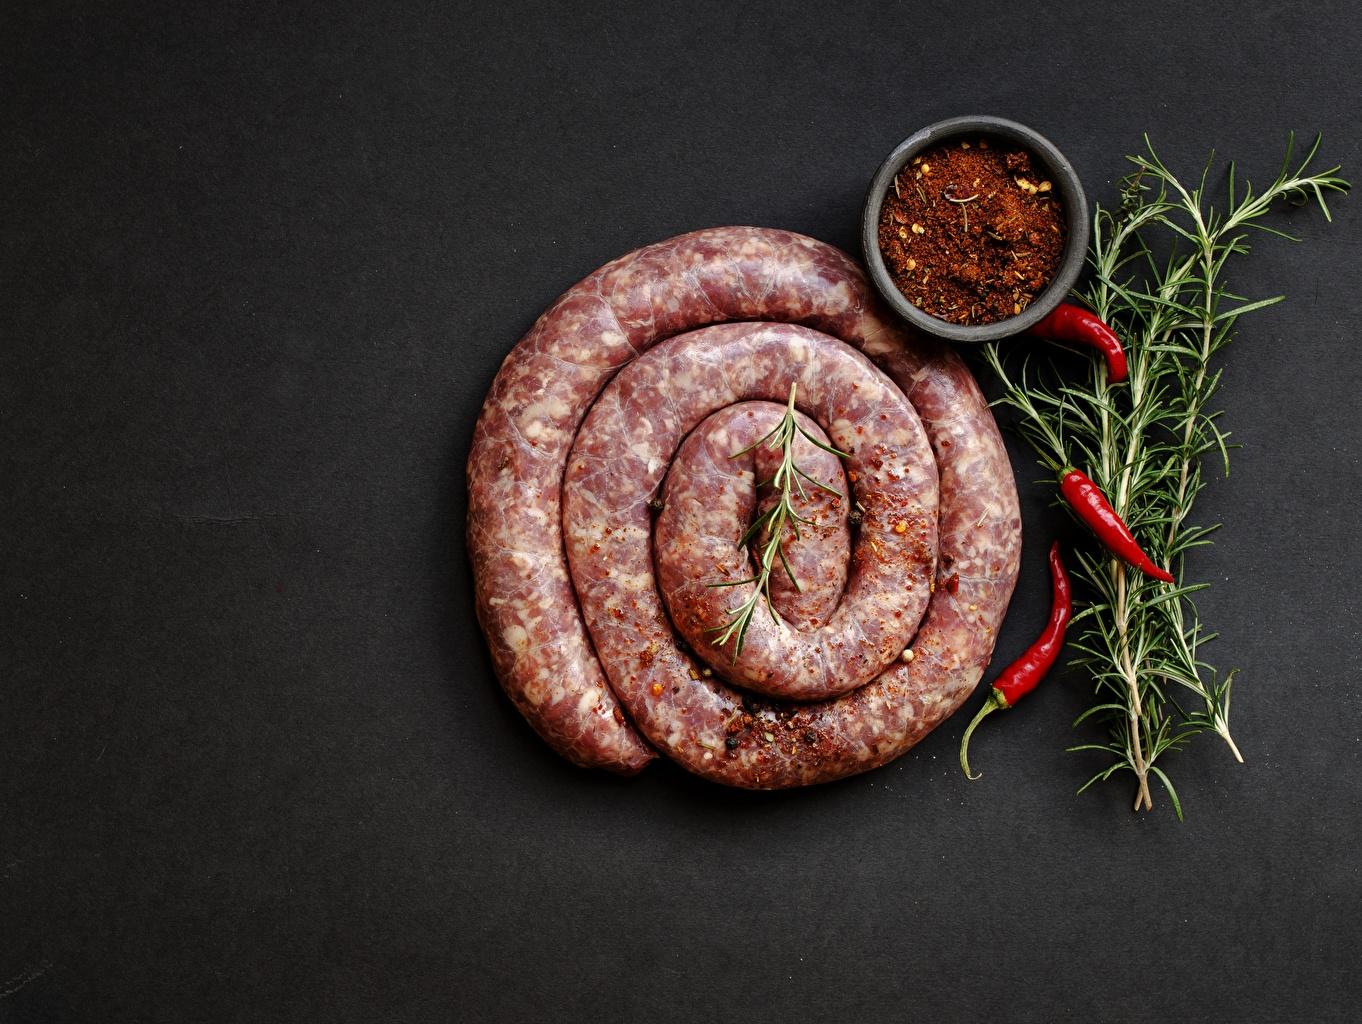 Desktop Hintergrundbilder Wurst Chili Pfeffer Gewürze Lebensmittel Grauer Hintergrund das Essen